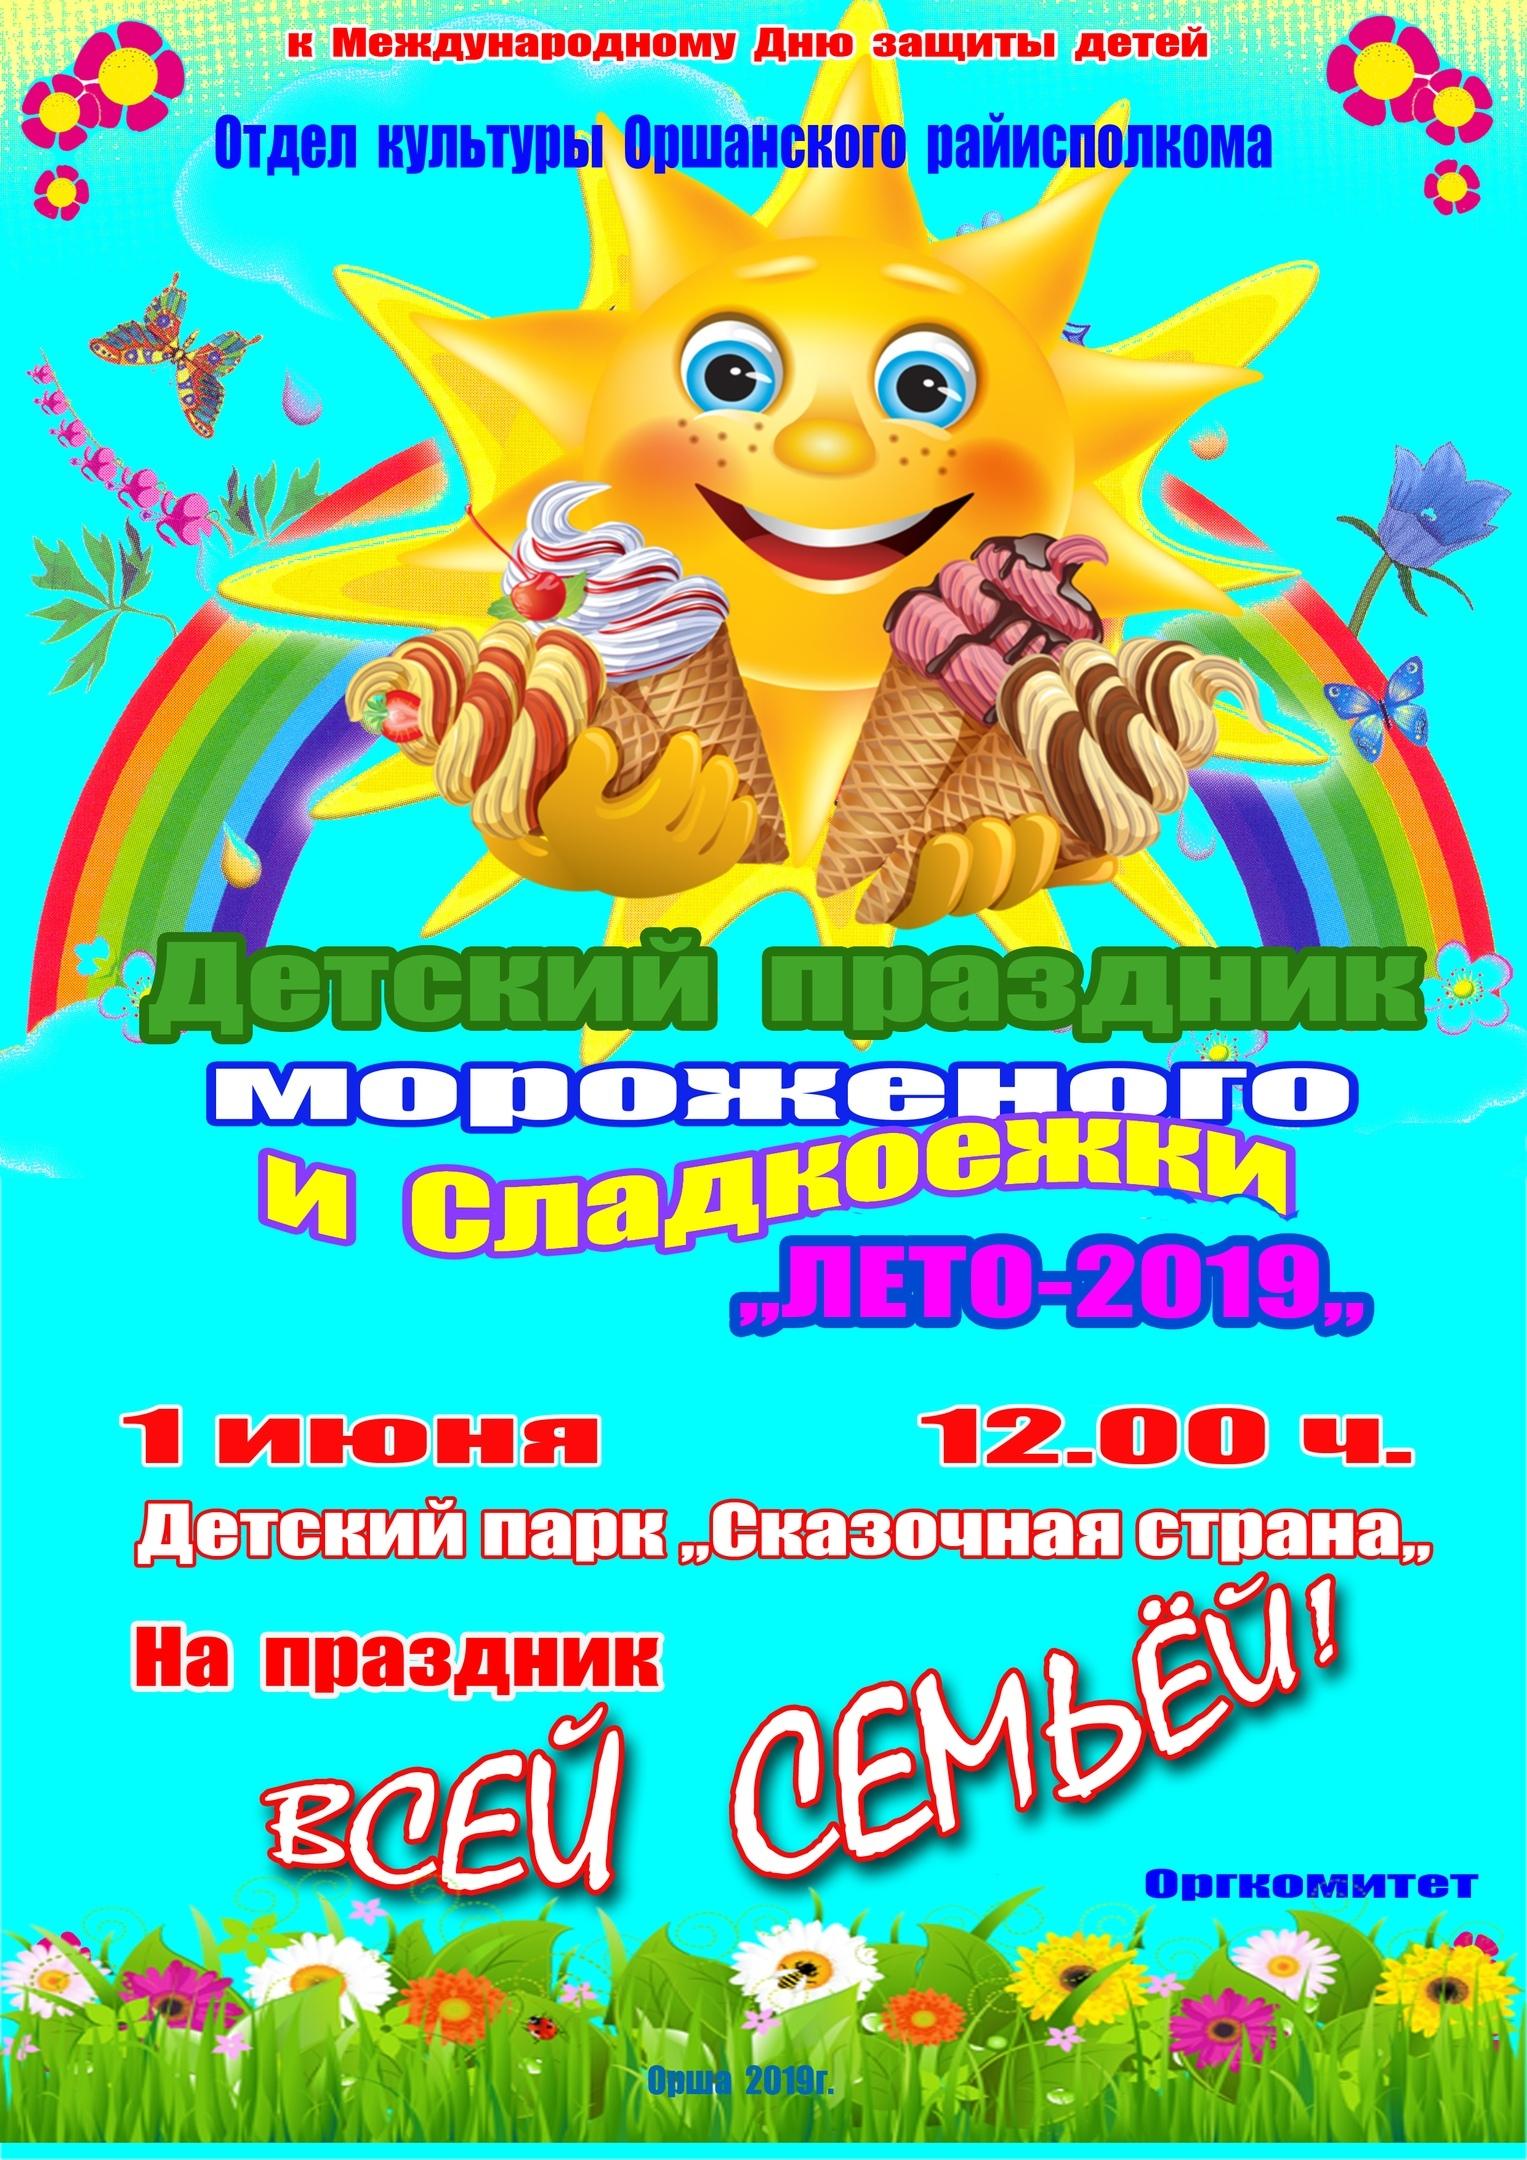 U50KOPKy3Ks_1